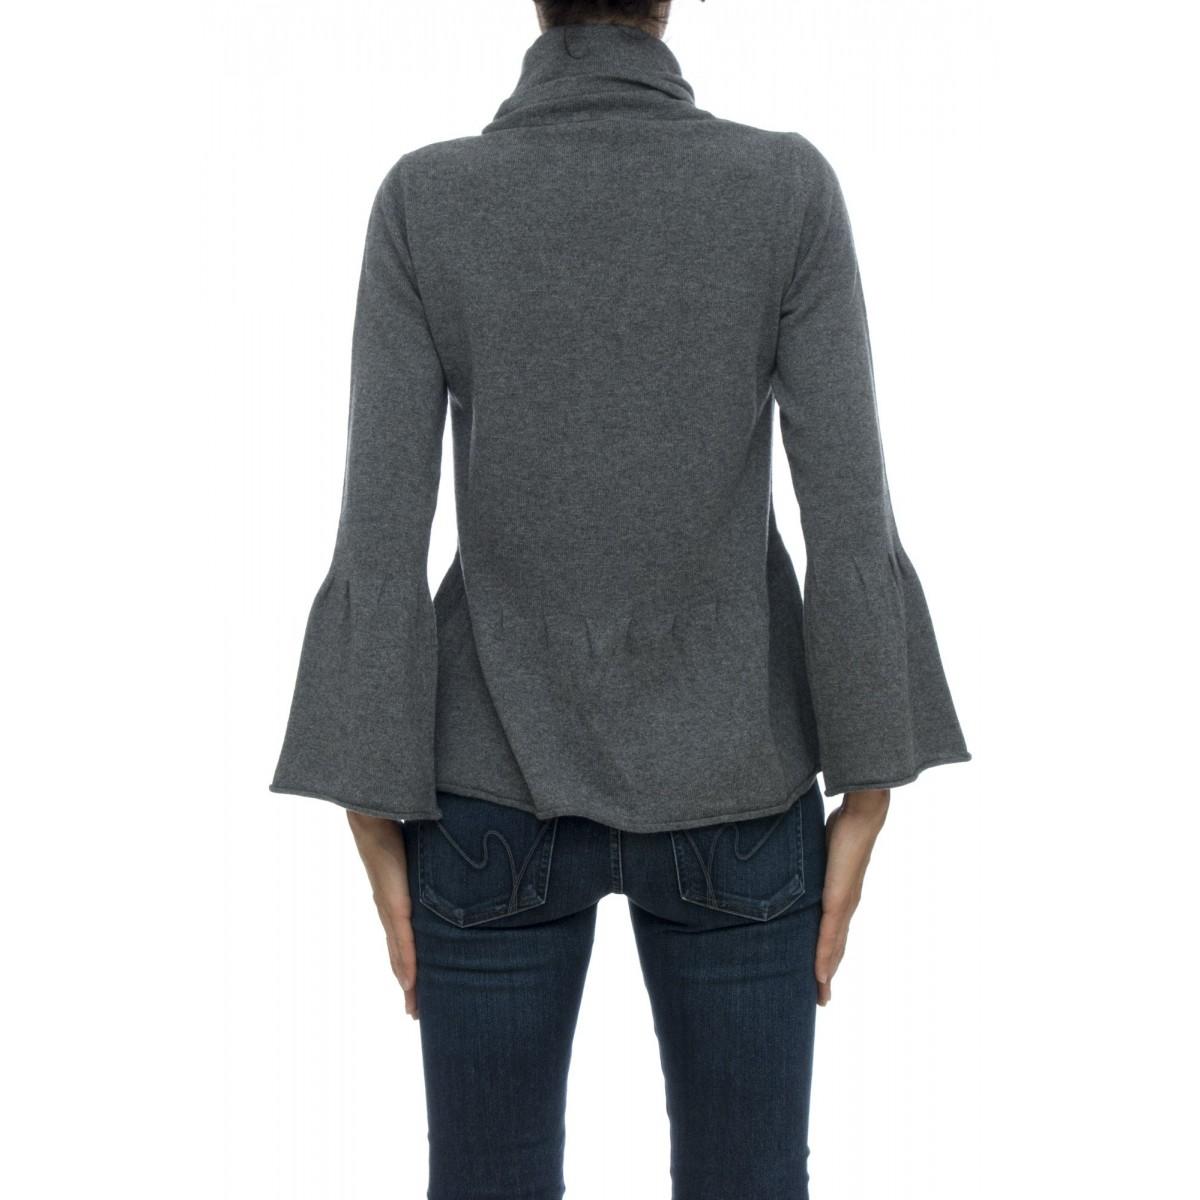 Maglia - 4518/05 maglia collo alto